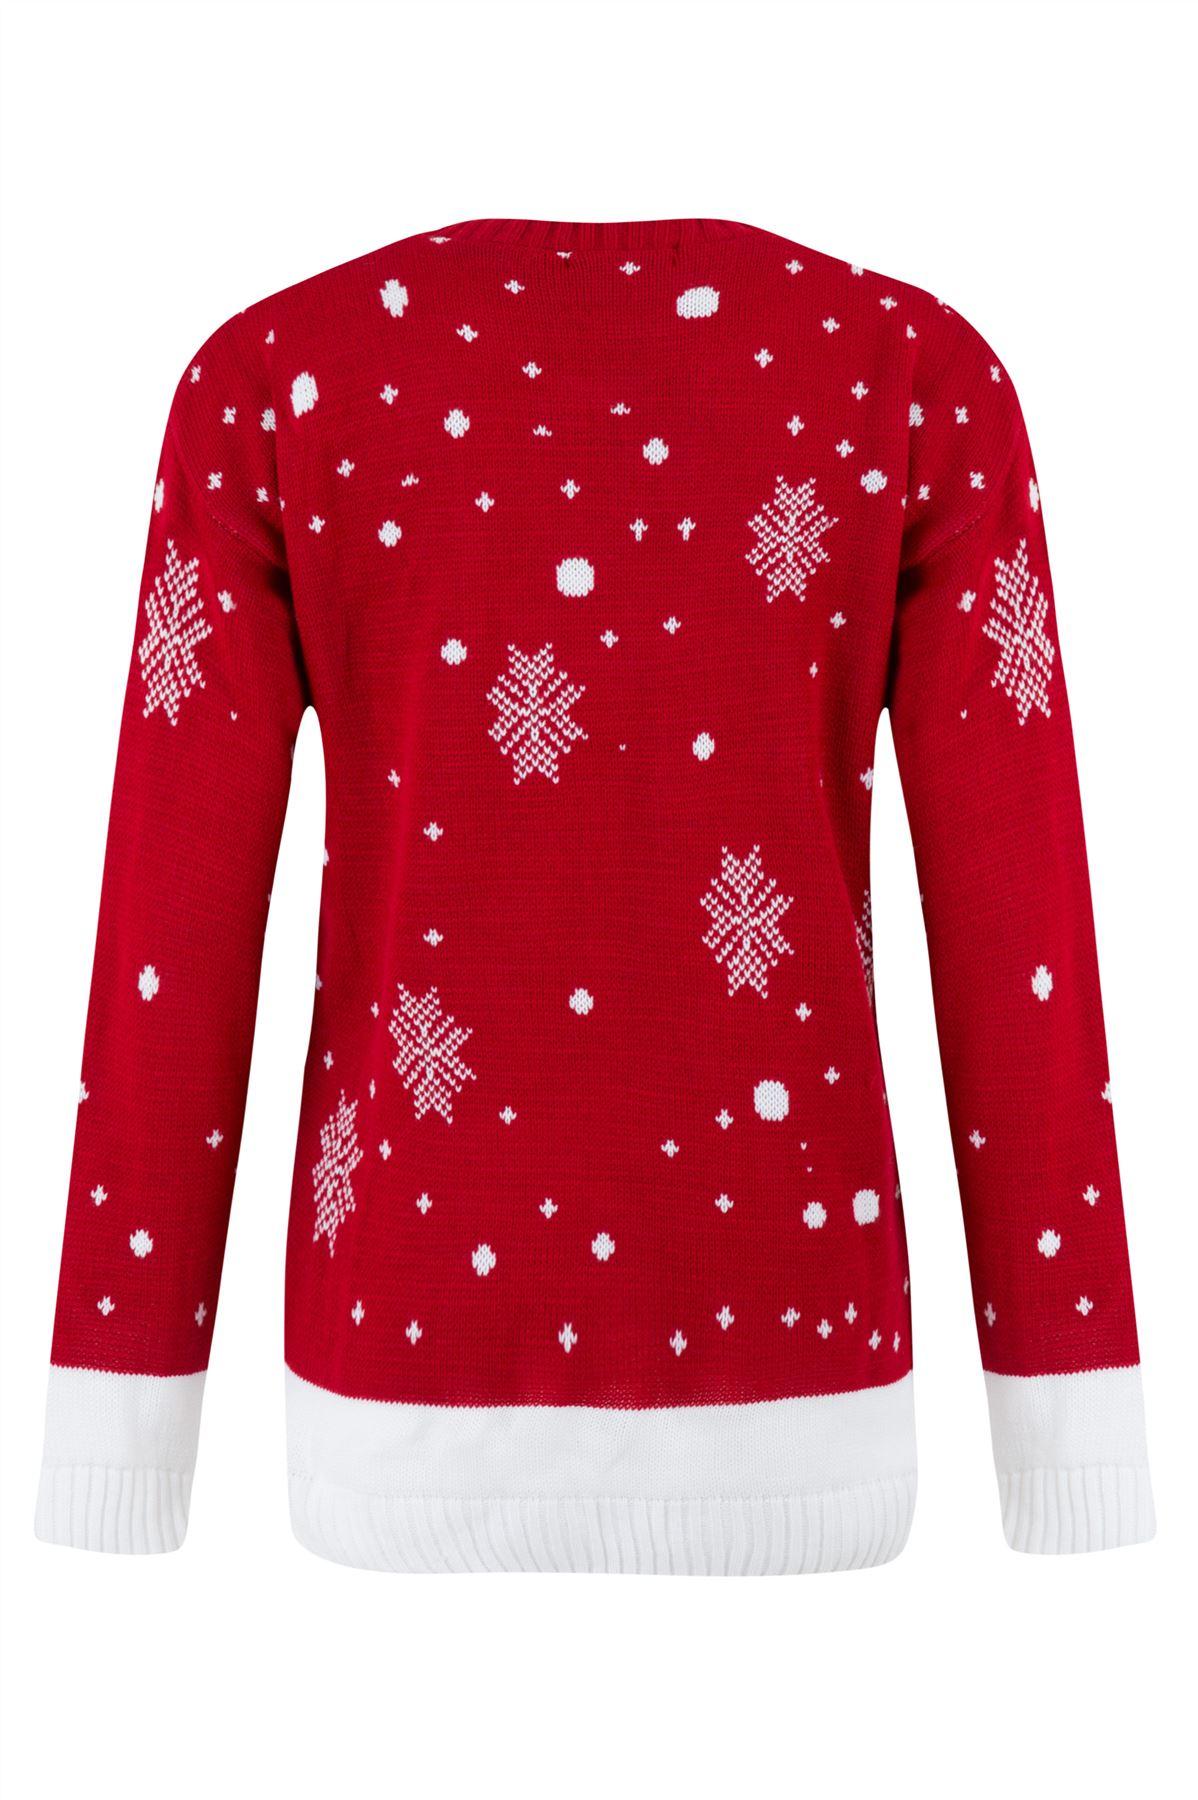 Unisex Christmas Gift Ideas: Unisex Christmas Xmas Novelty Design Knitted Sweater